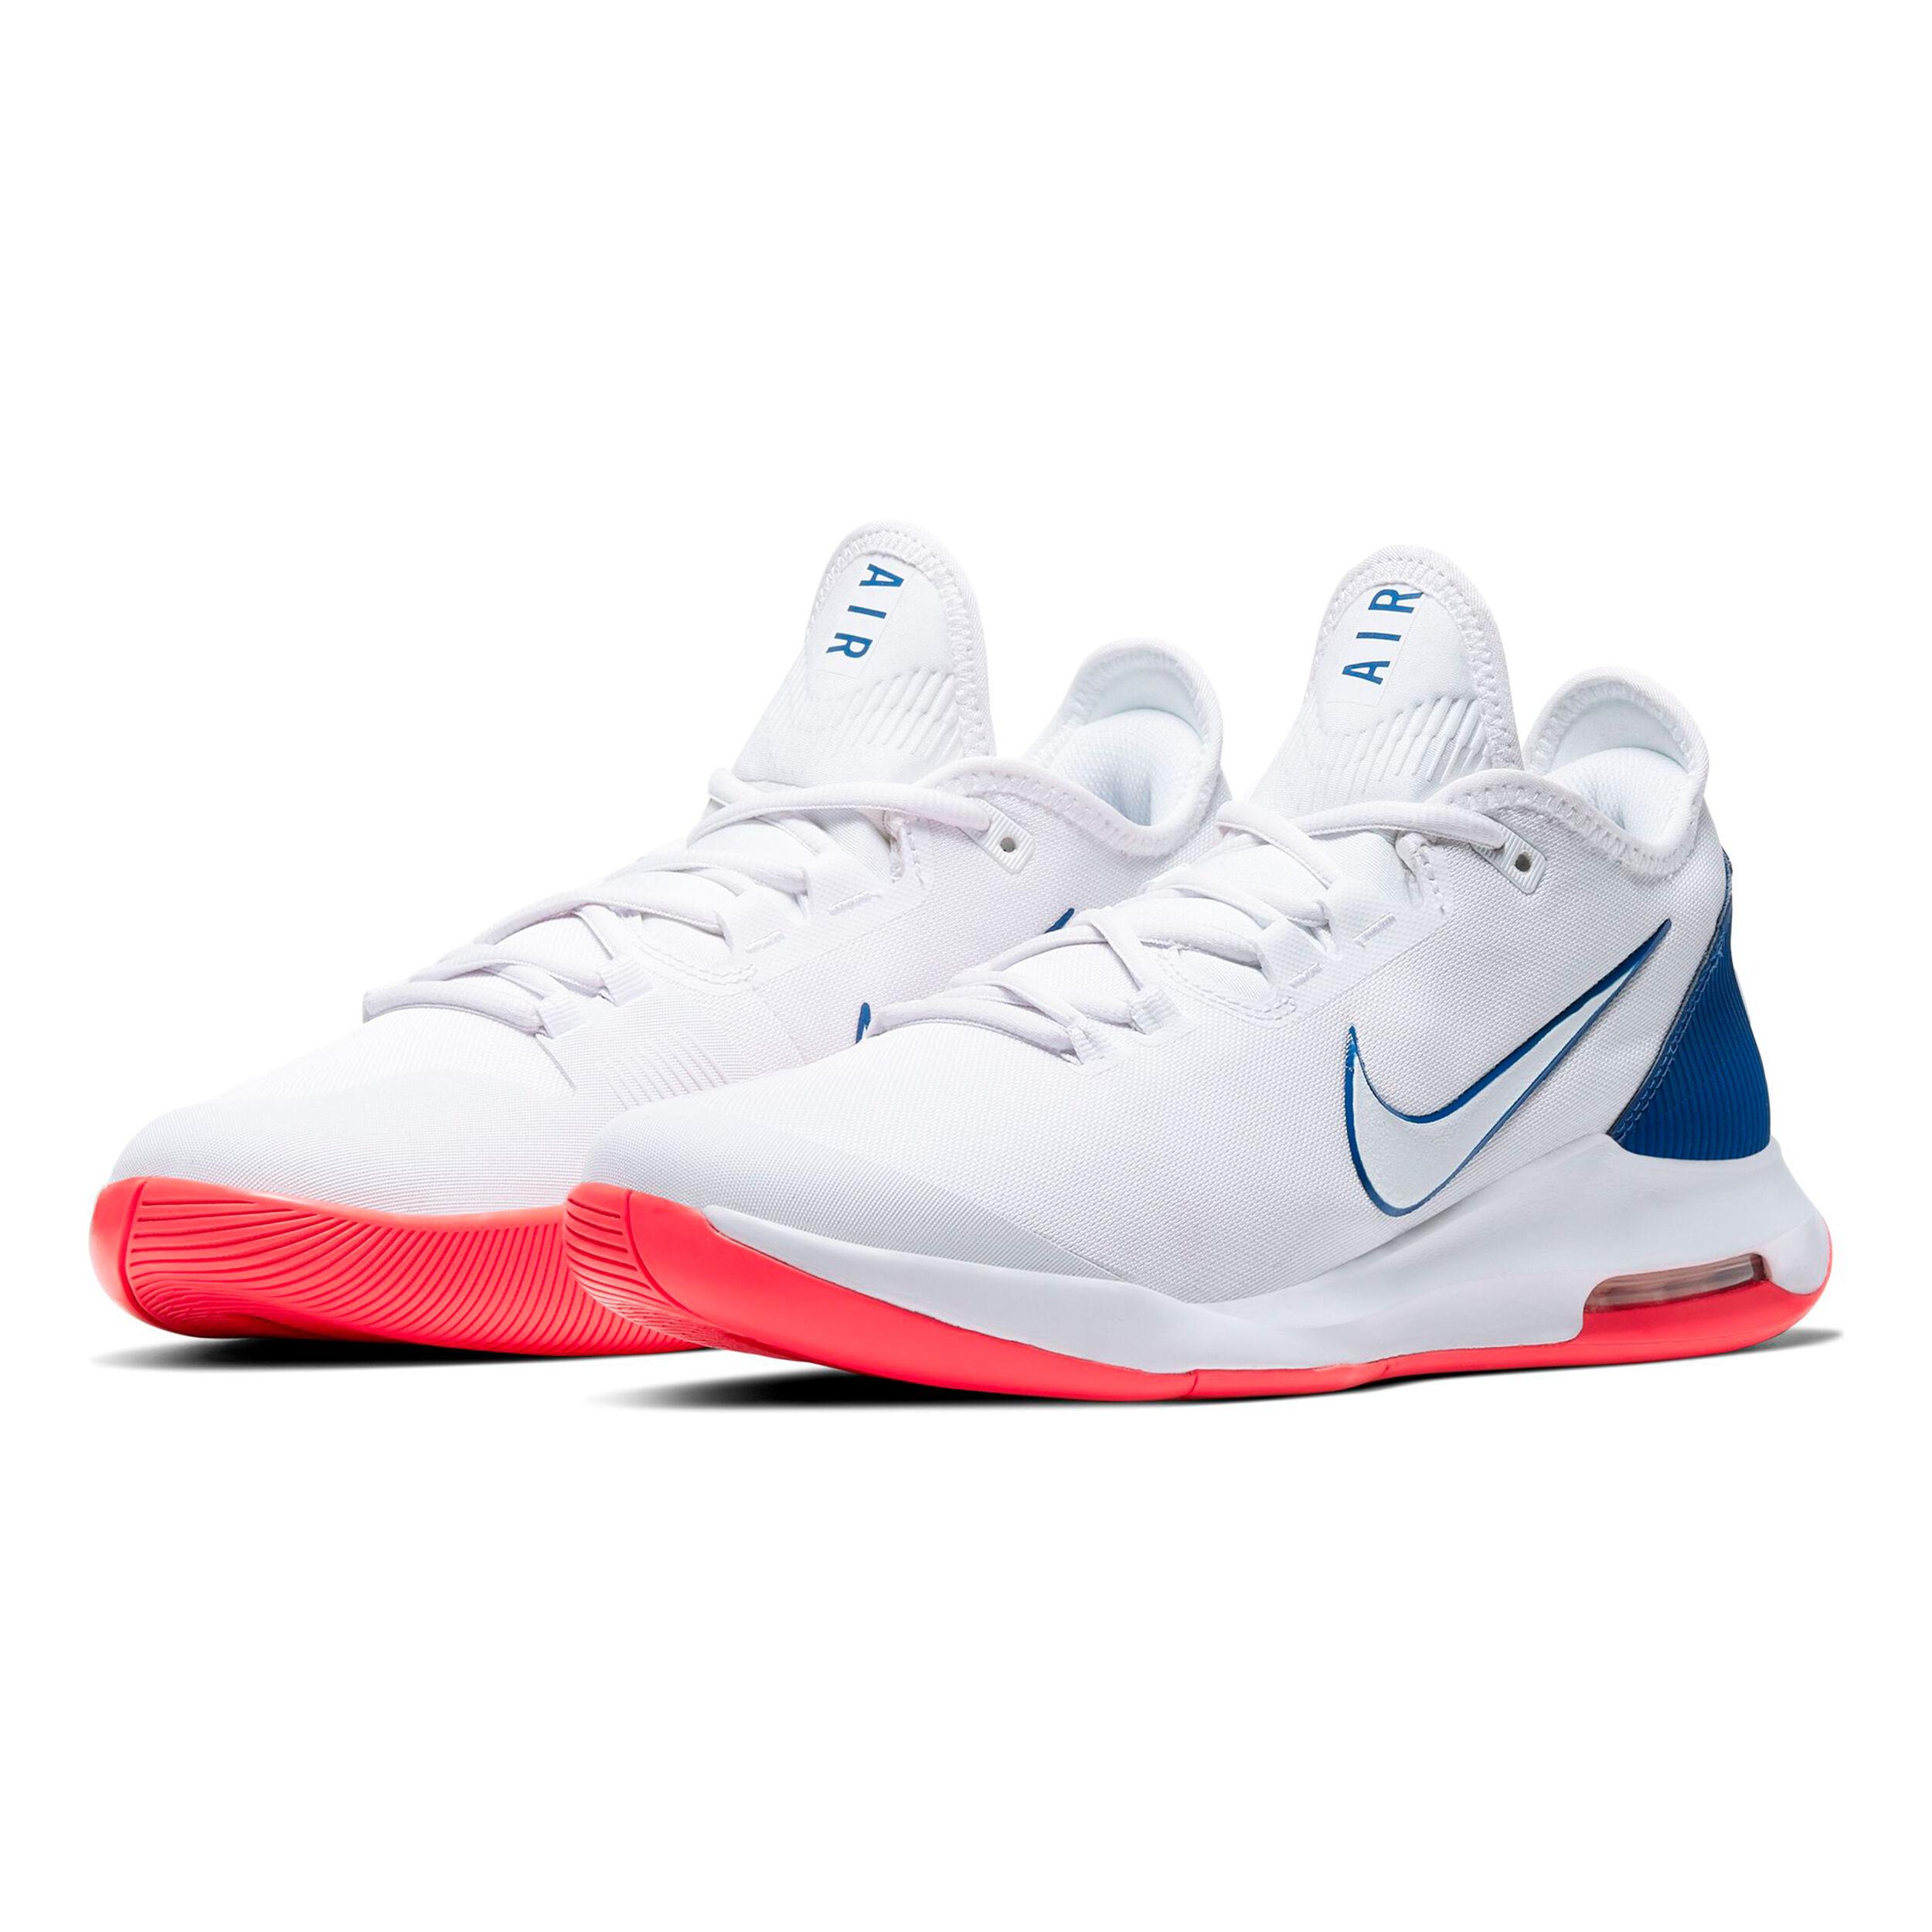 Nike Air Max Wildcard Herren Weiß, Blau online kaufen